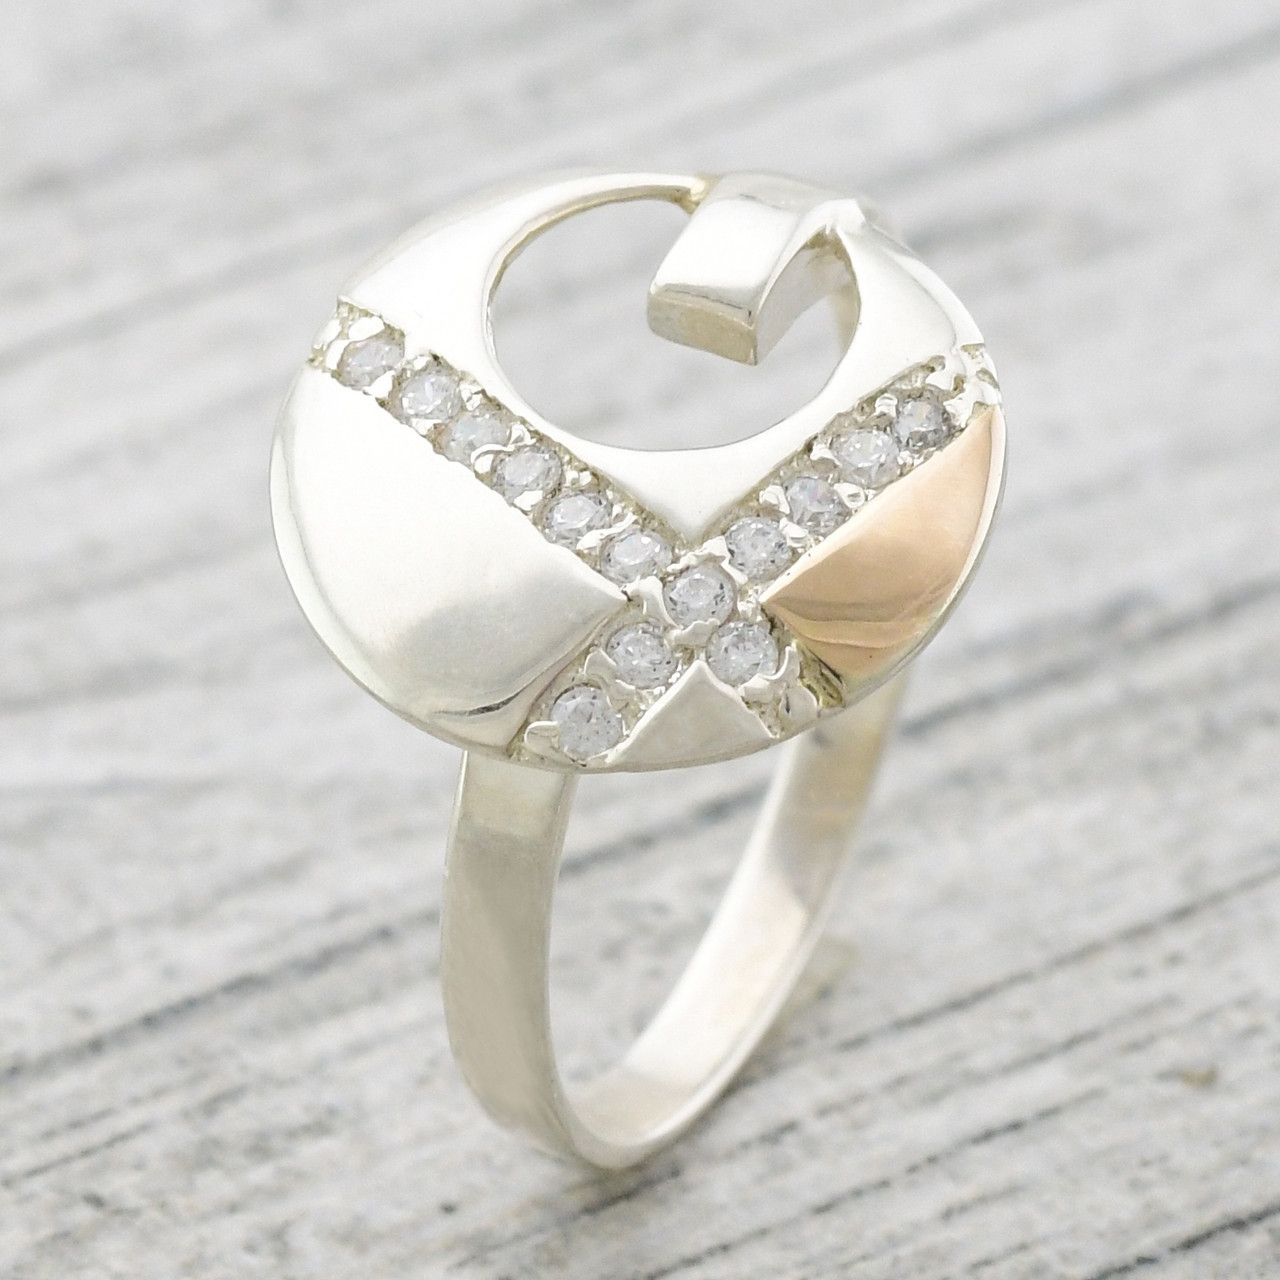 Серебряное кольцо Рассвет, вставка белые фианиты, вес 2.4 г, размер 20